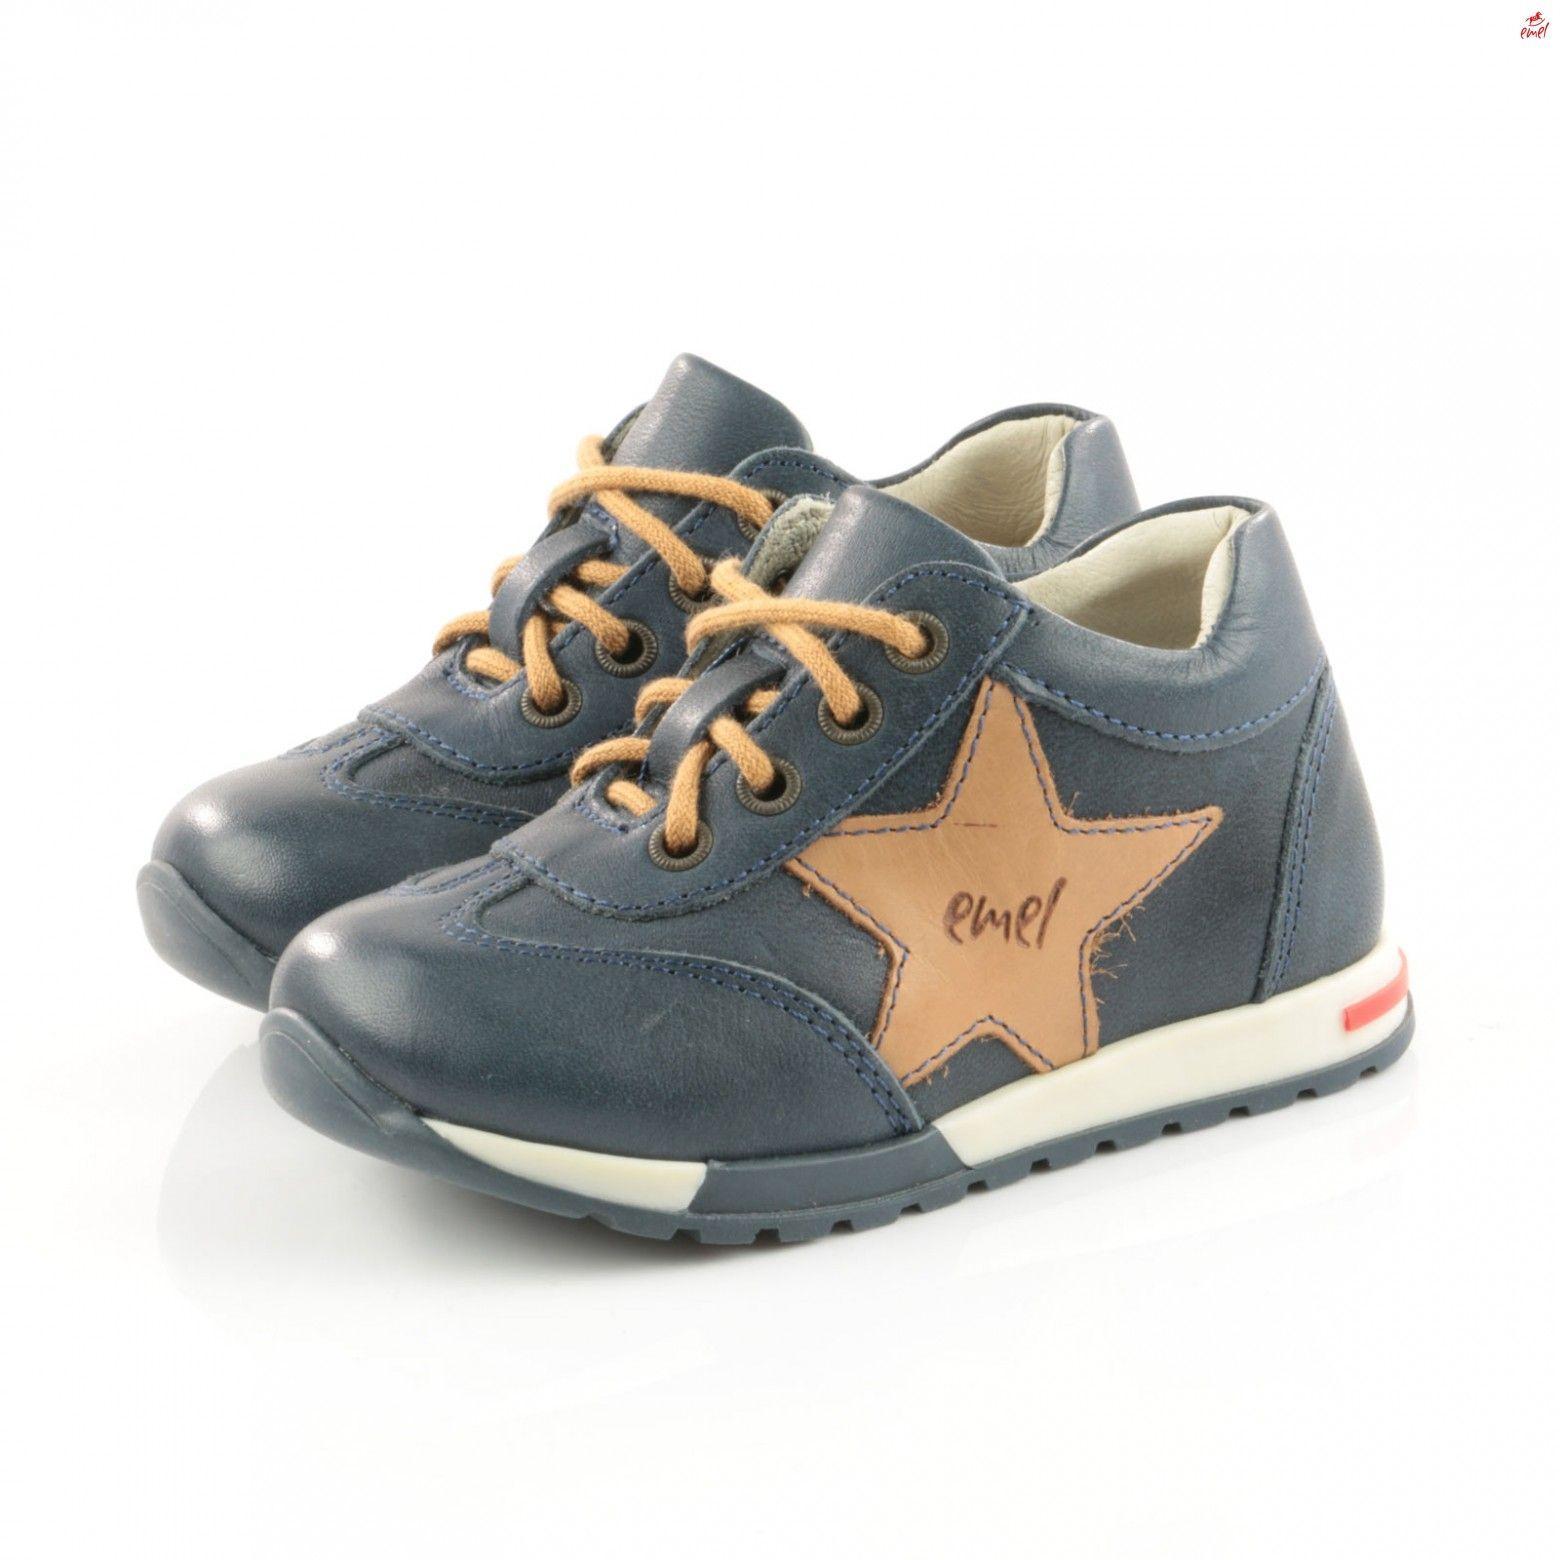 Emel Polski Producent Obuwia Dla Dzieci Shoes Sneakers Baby